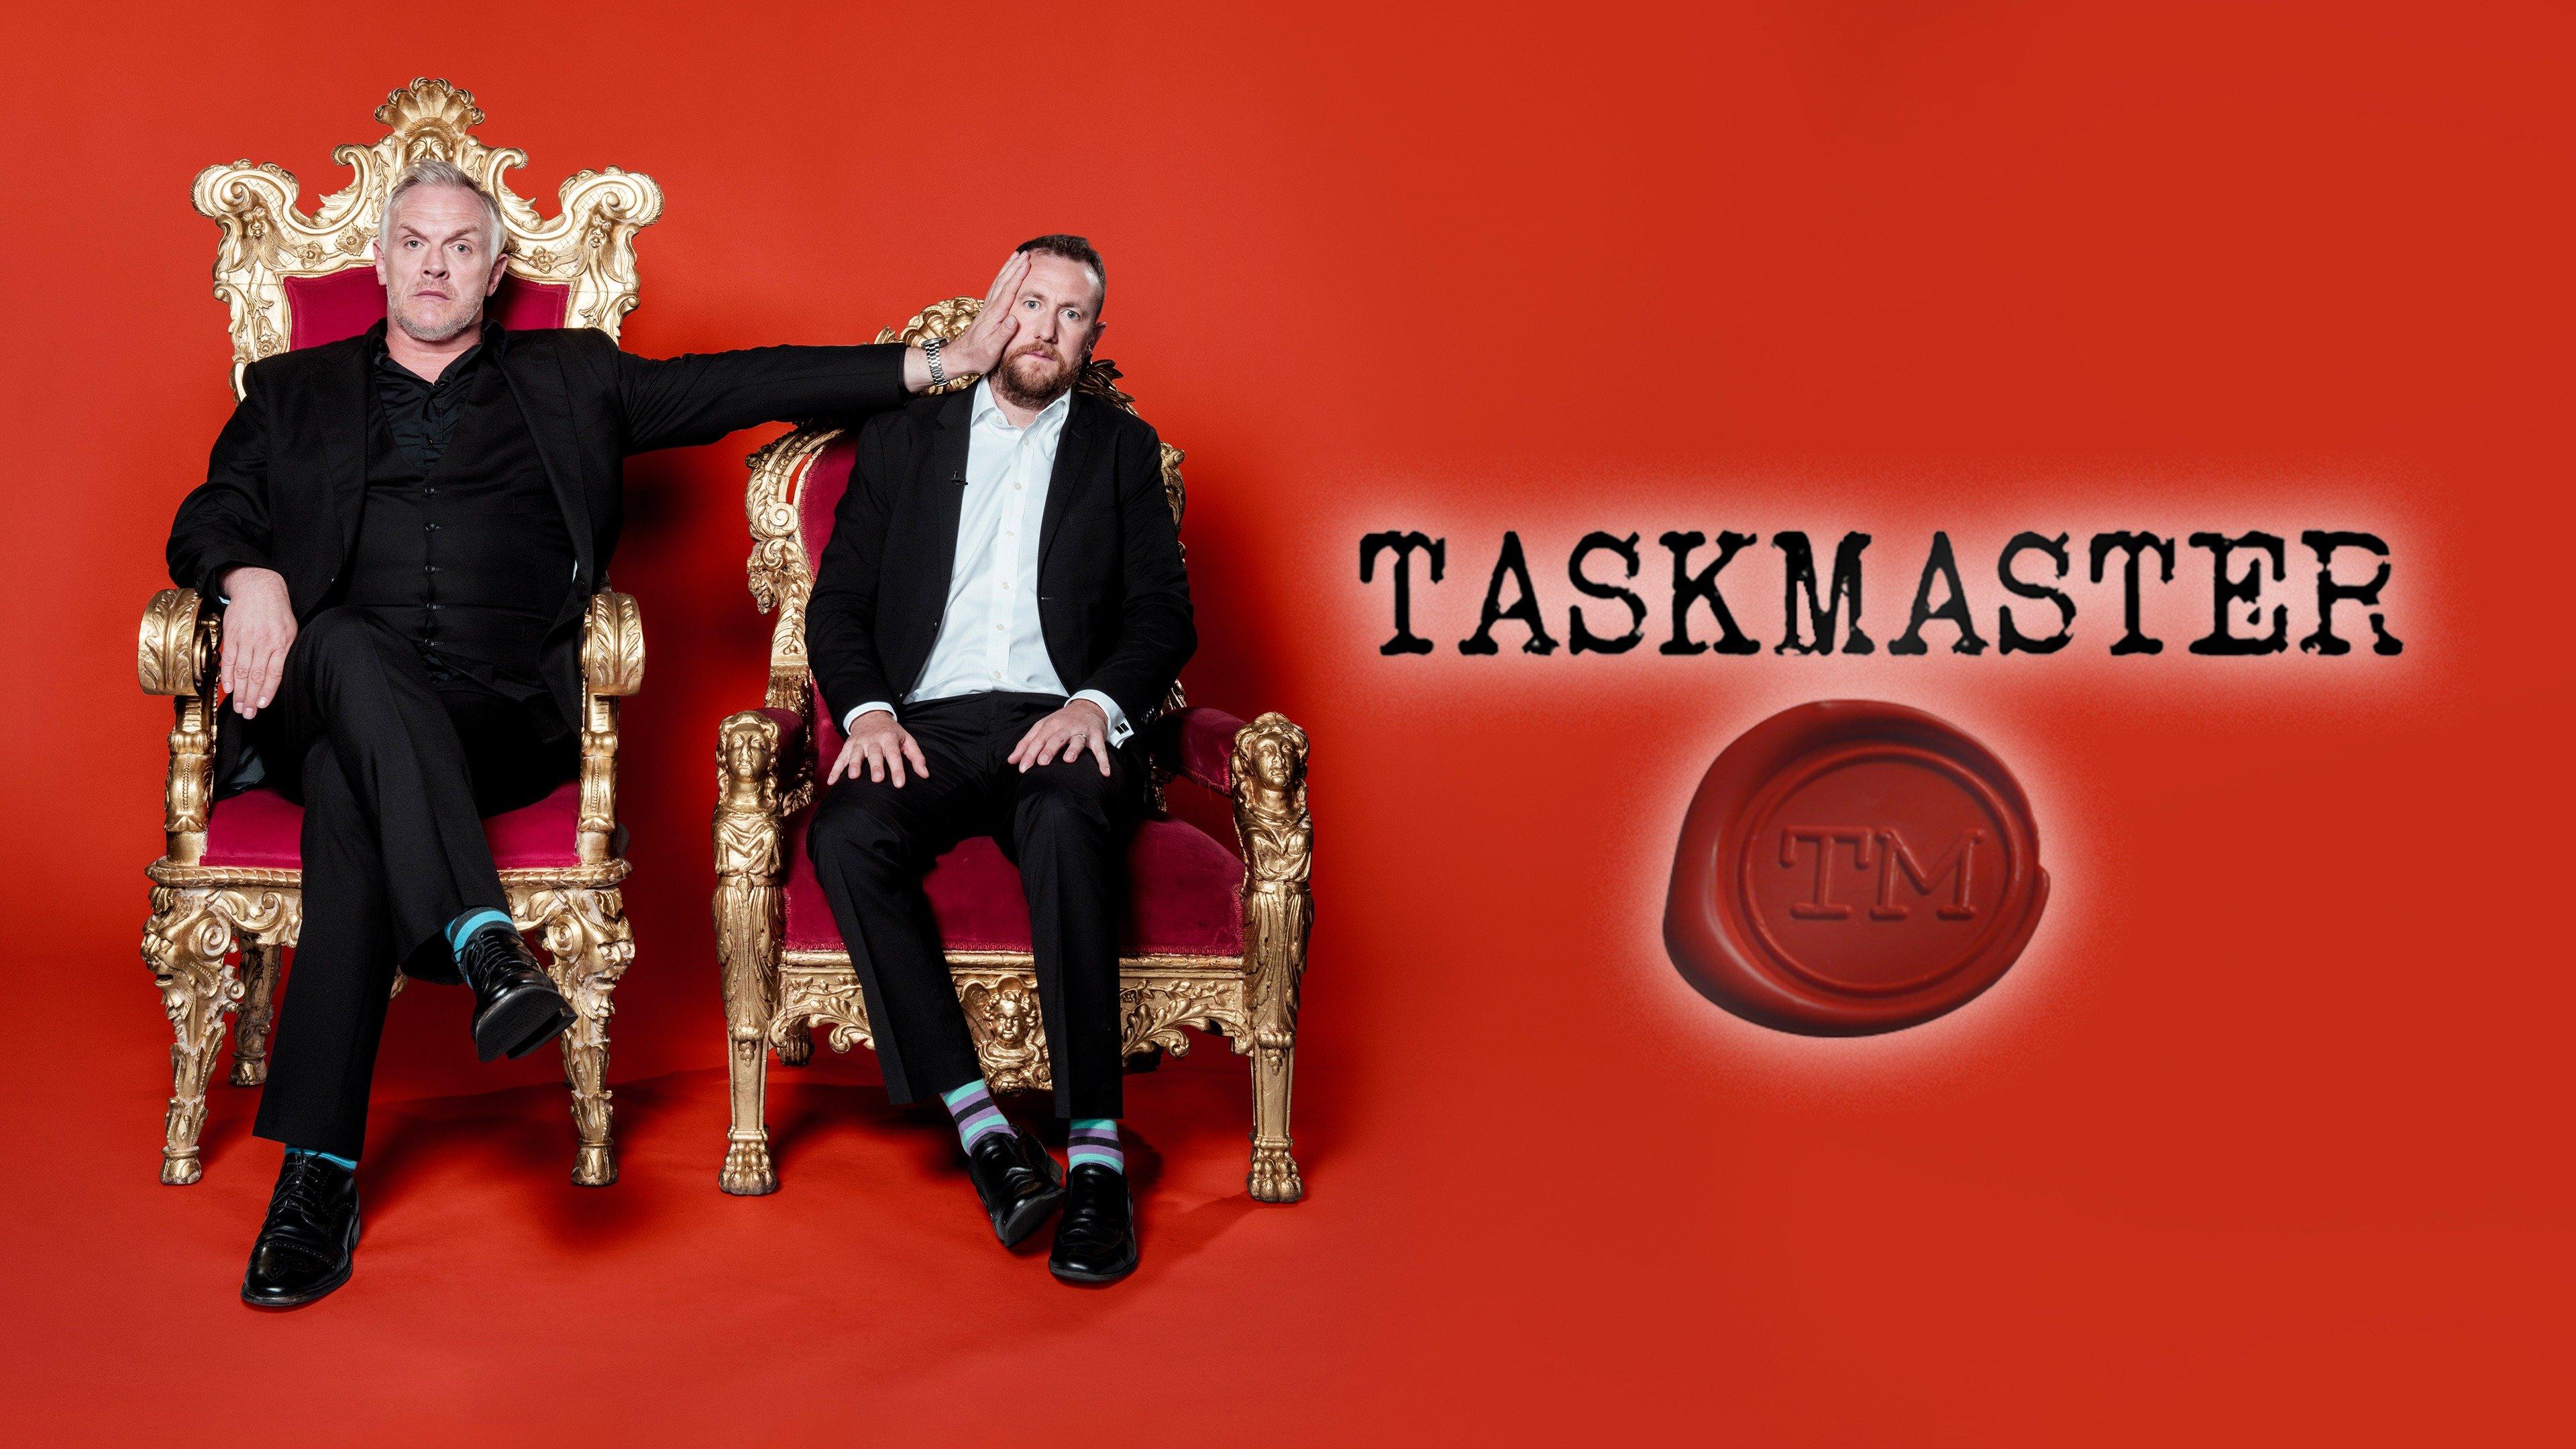 Taskmaster S5